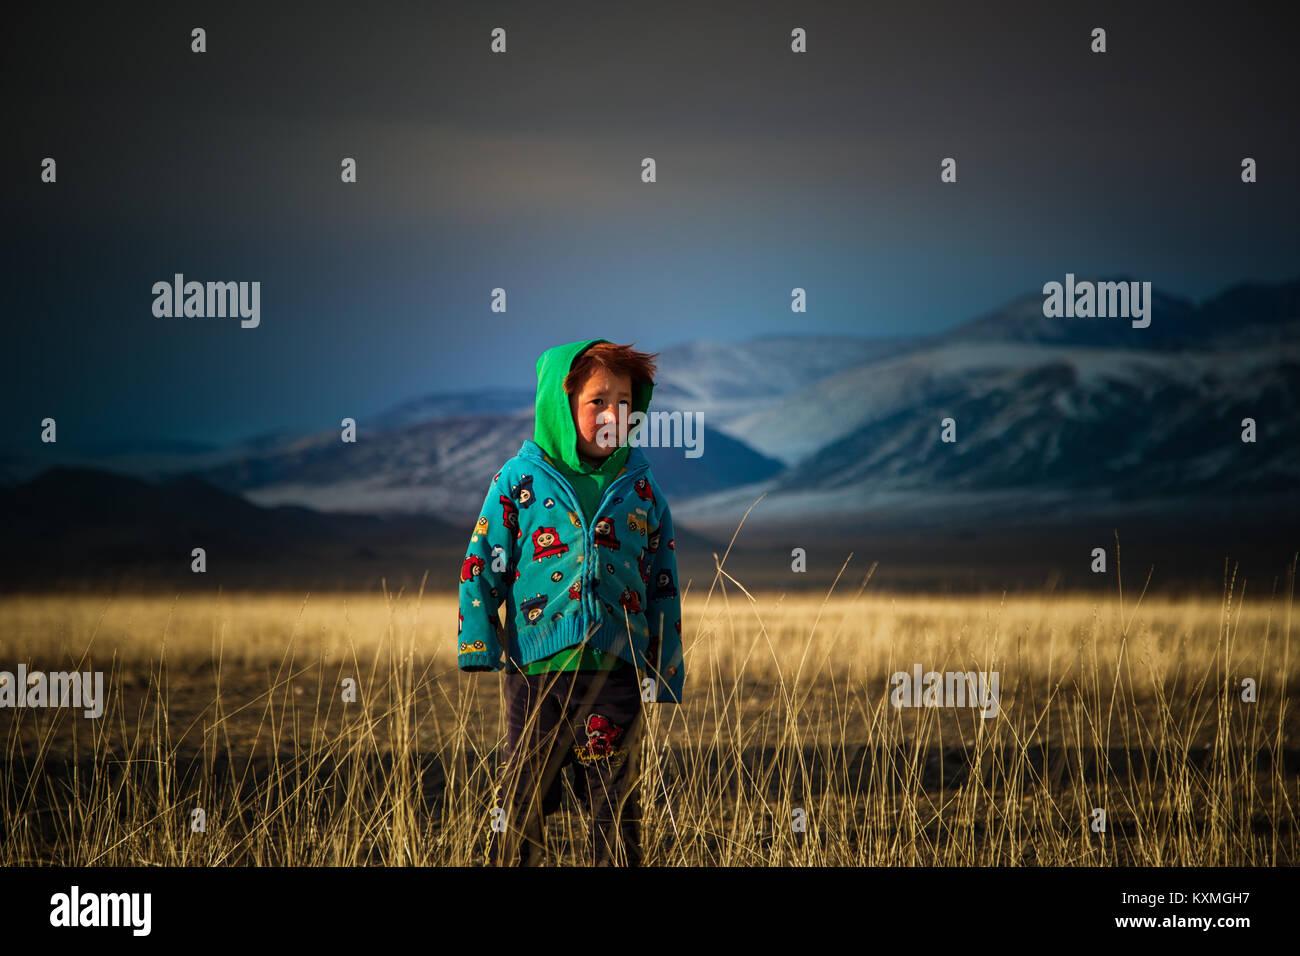 Côté pays gingembre kid rurales des Prairies steppes de Mongolie cheveux hiver Photo Stock